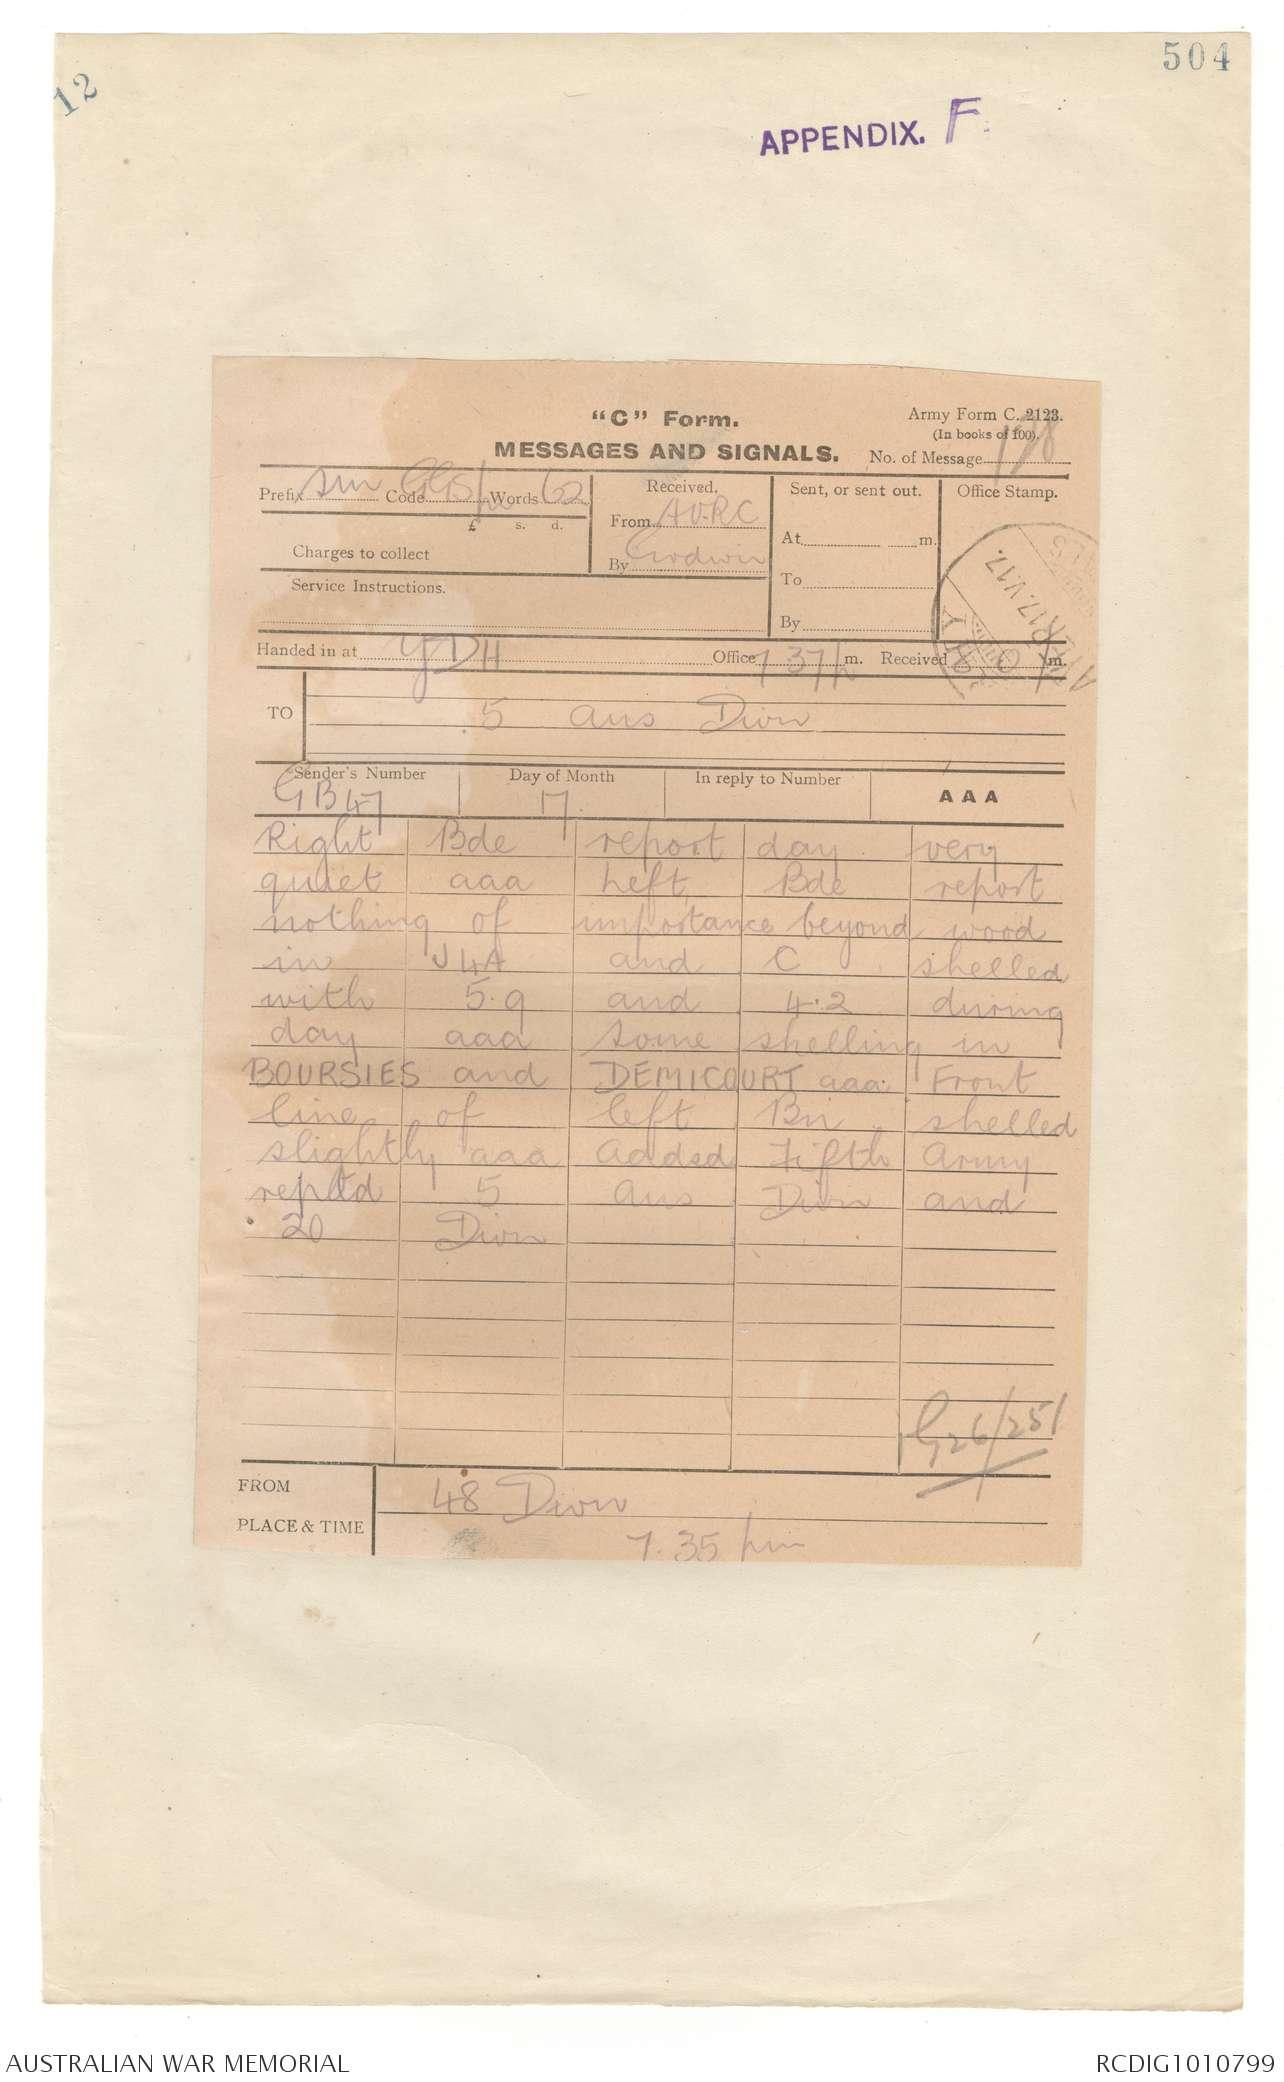 AWM4 1/50/15 PART 10 - May 1917 | The Australian War Memorial